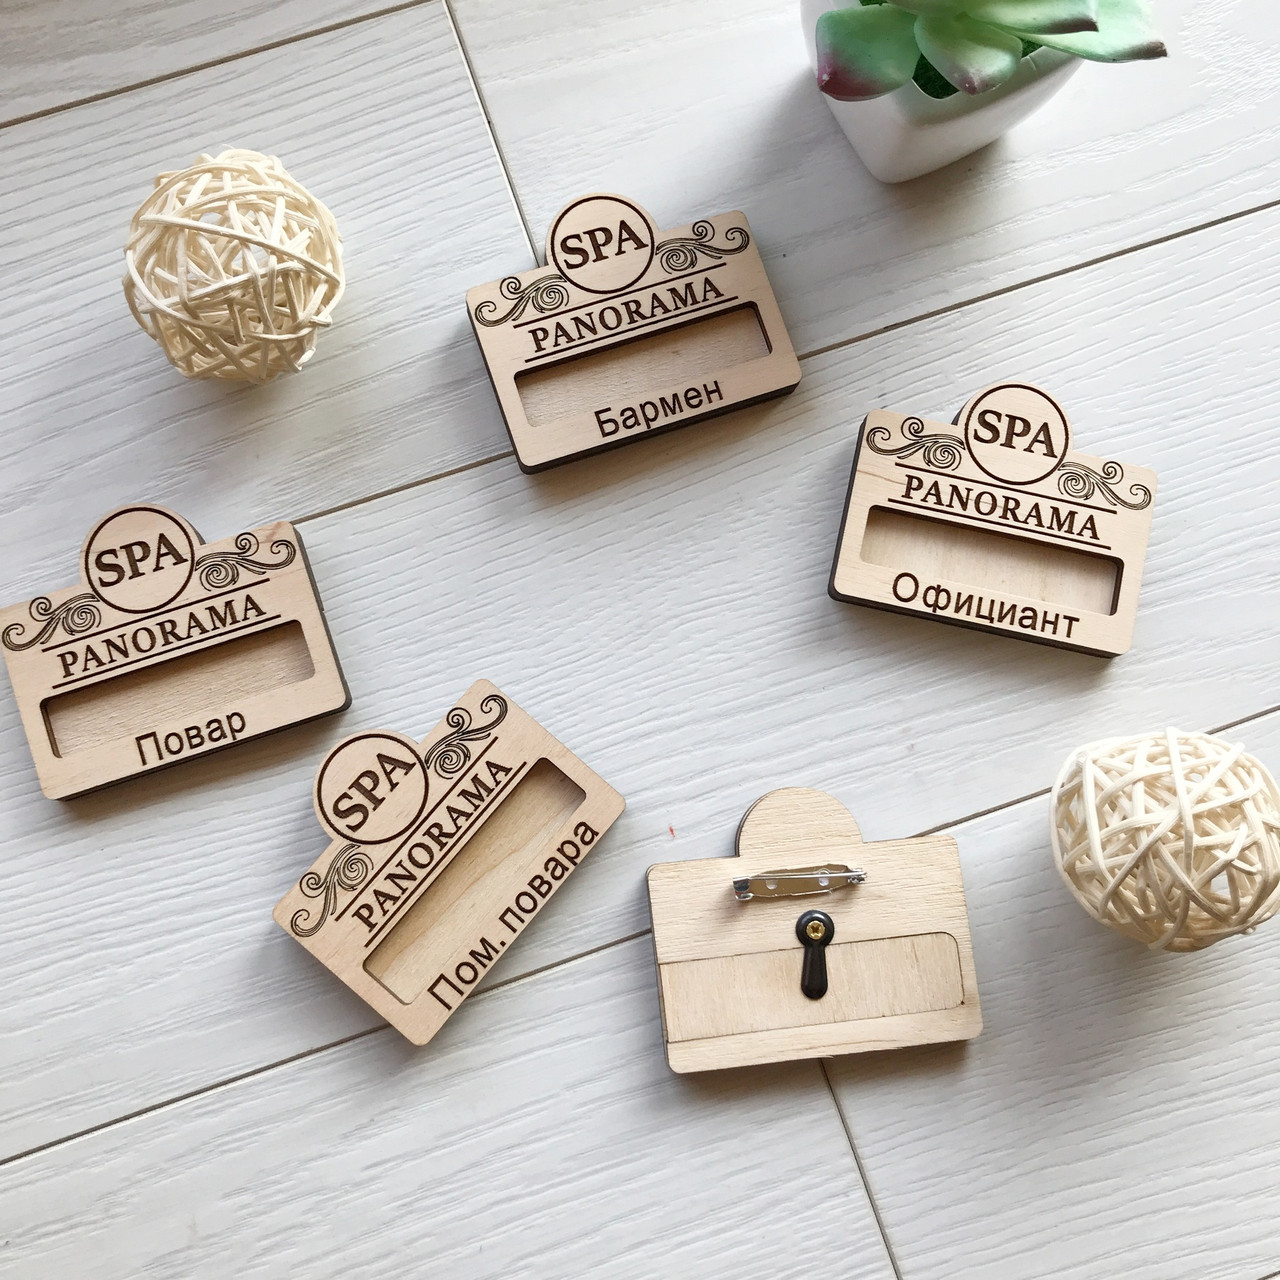 Деревянный именные бейджи с логотипом заведения на заказ